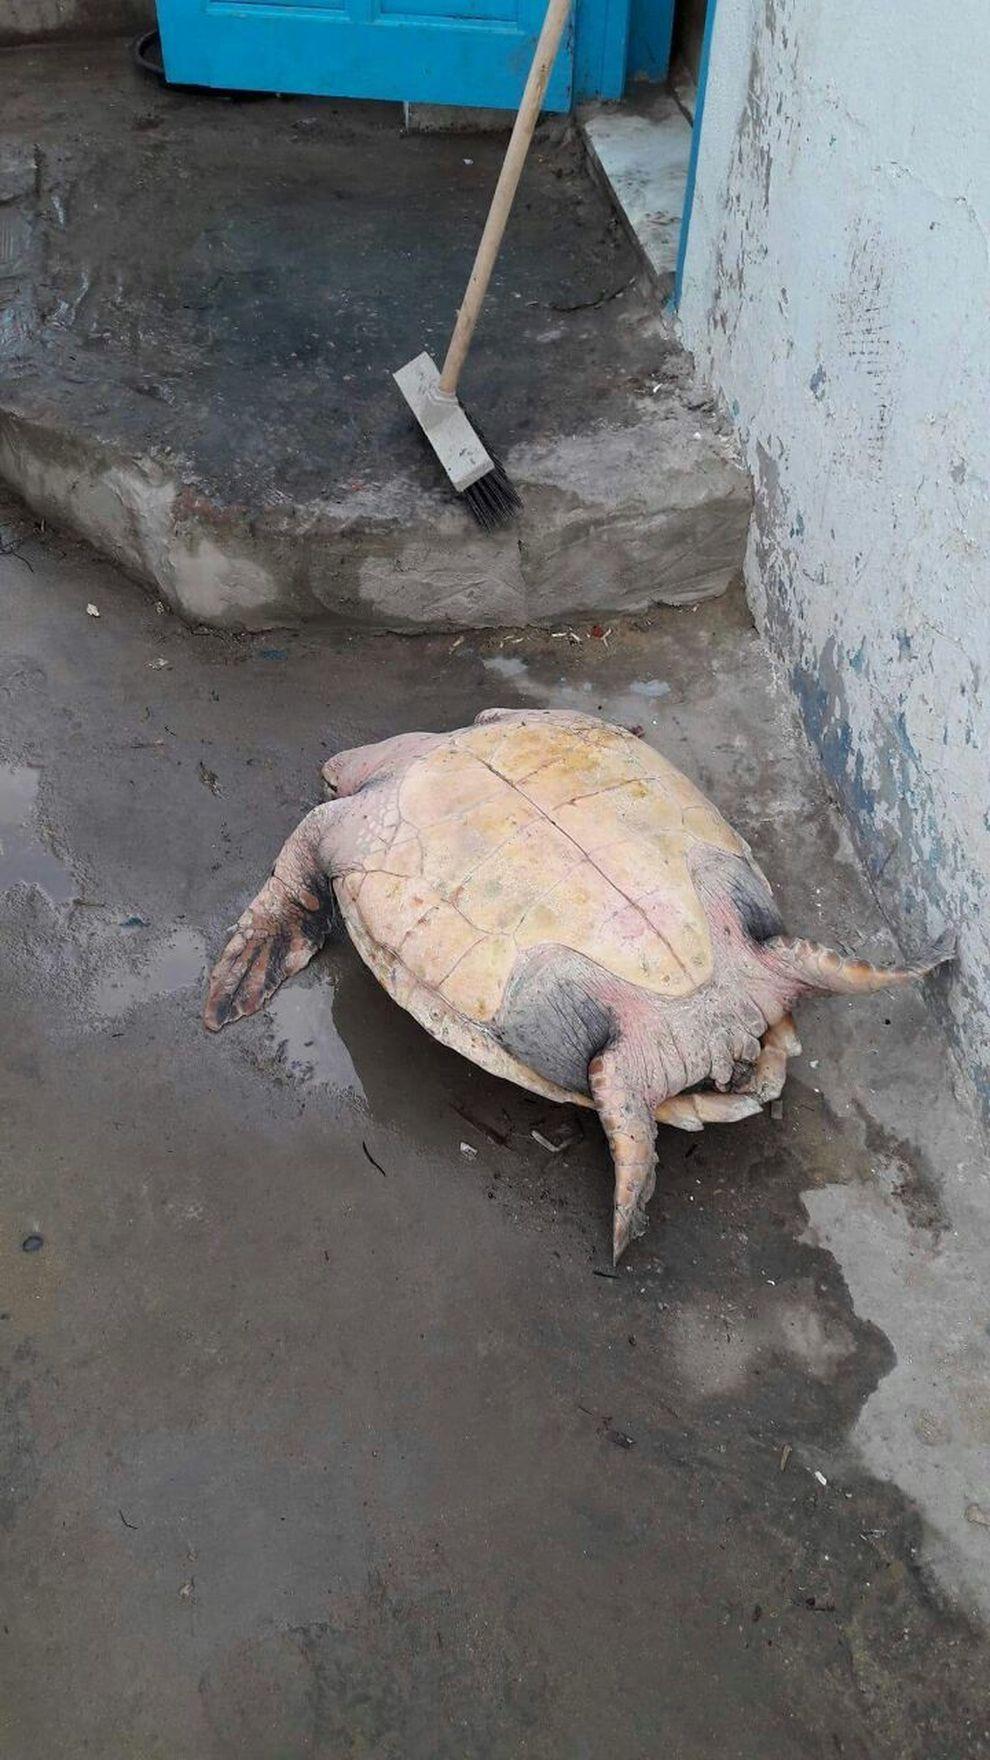 Risultati immagini per tartaruga si lascia morire